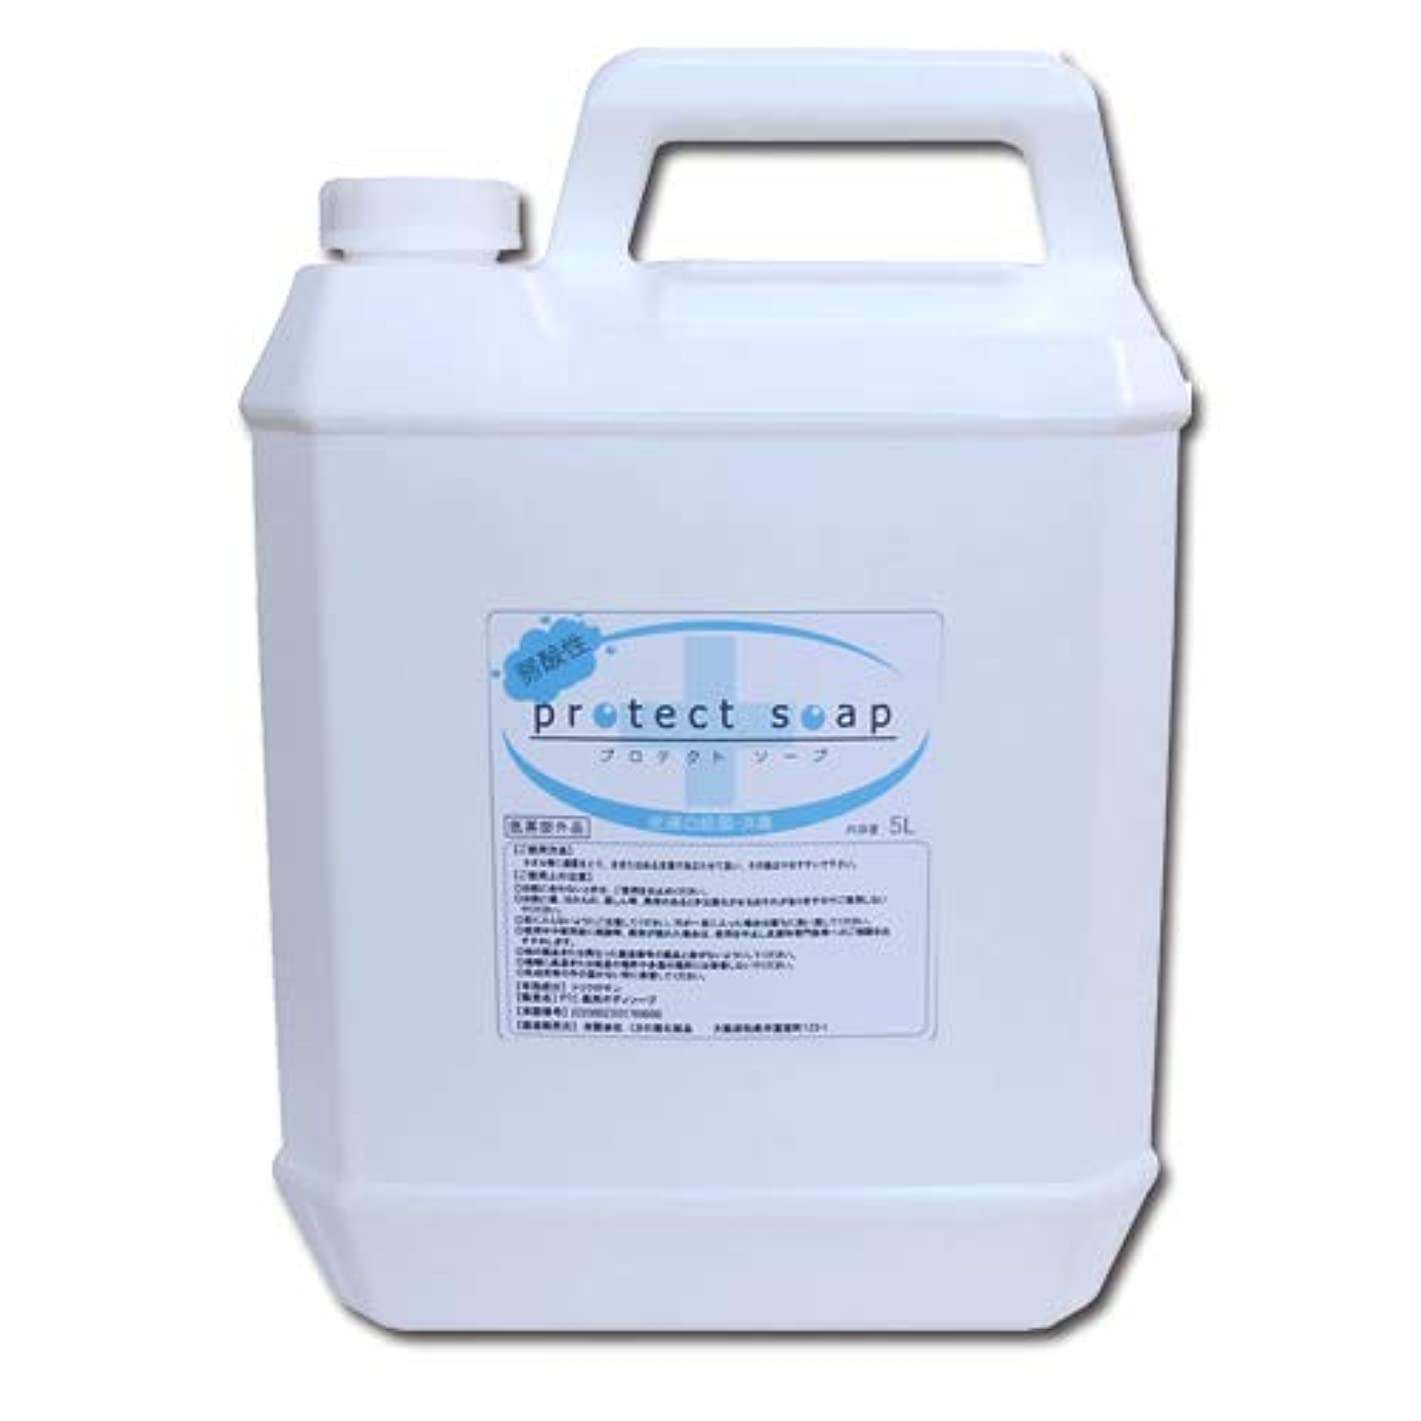 低刺激弱酸性 液体石鹸 プロテクトソープ 5L 業務用│せっけん液 液体せっけん 殺菌?消毒 インフルエンザ?ノロウィルス対策